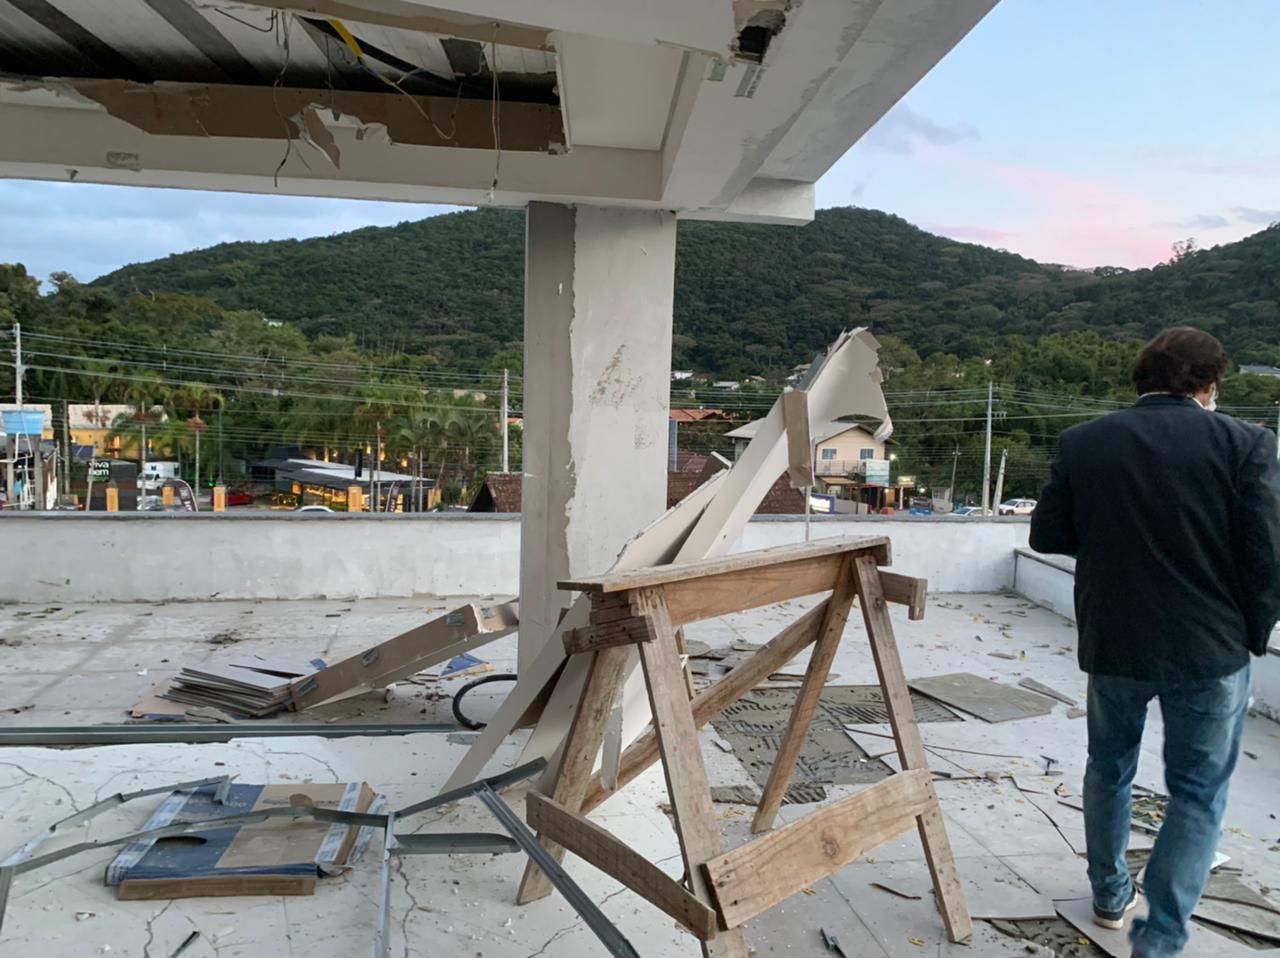 Obra Irregular: Prefeitura de Florianópolis realiza demolição de cobertura irregular em prédio no Rio Tavares